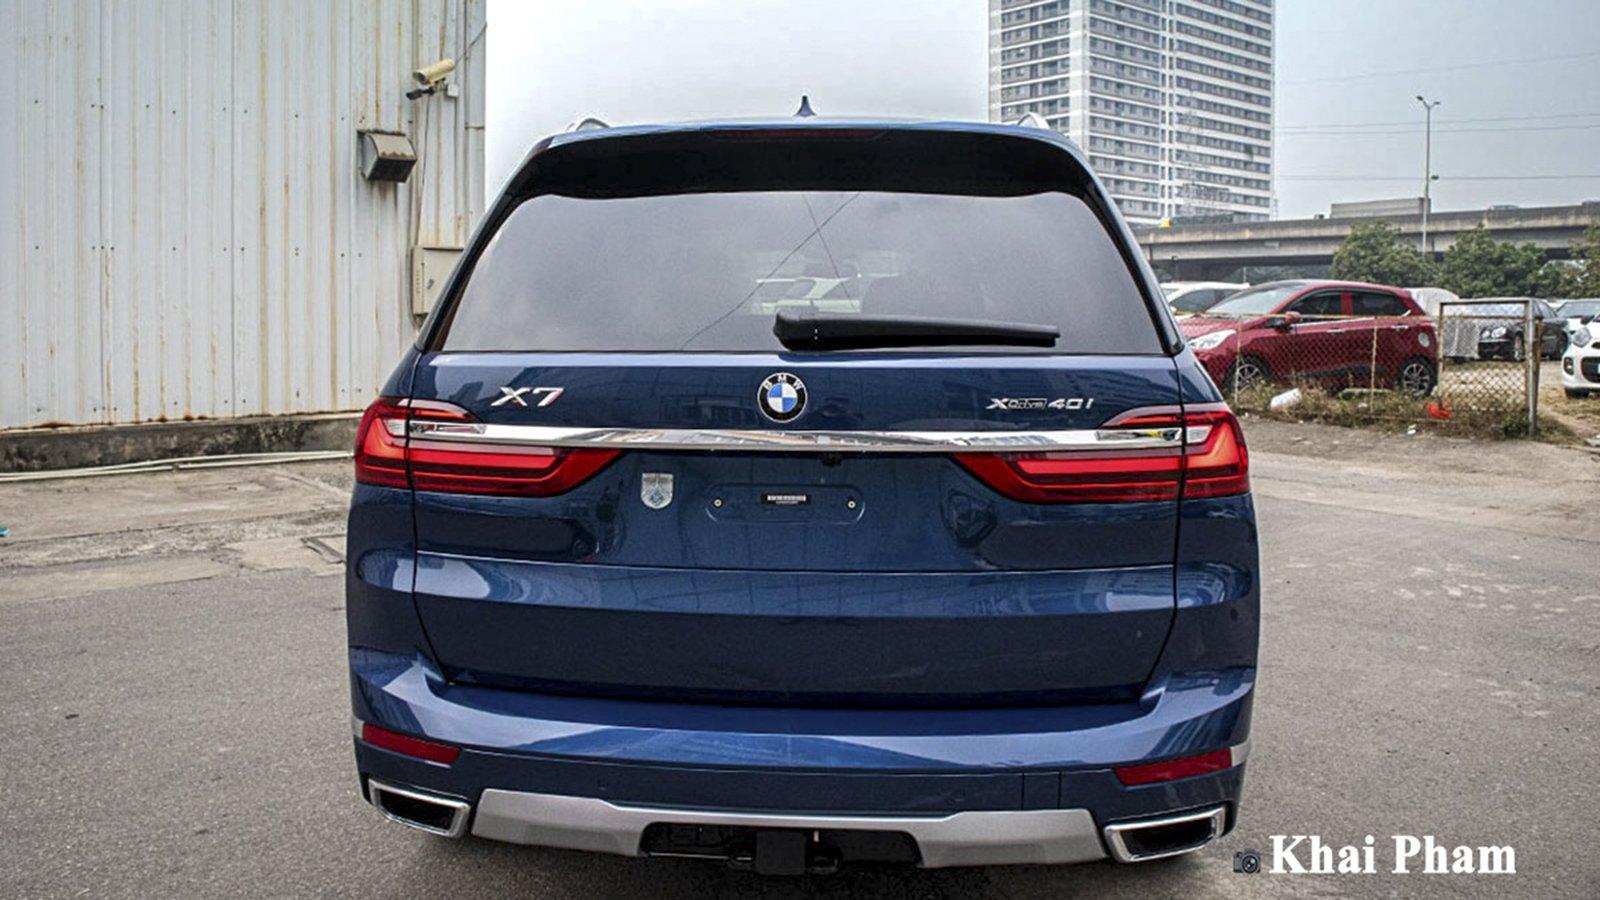 Ảnh Đuôi xe BMW X7 2020